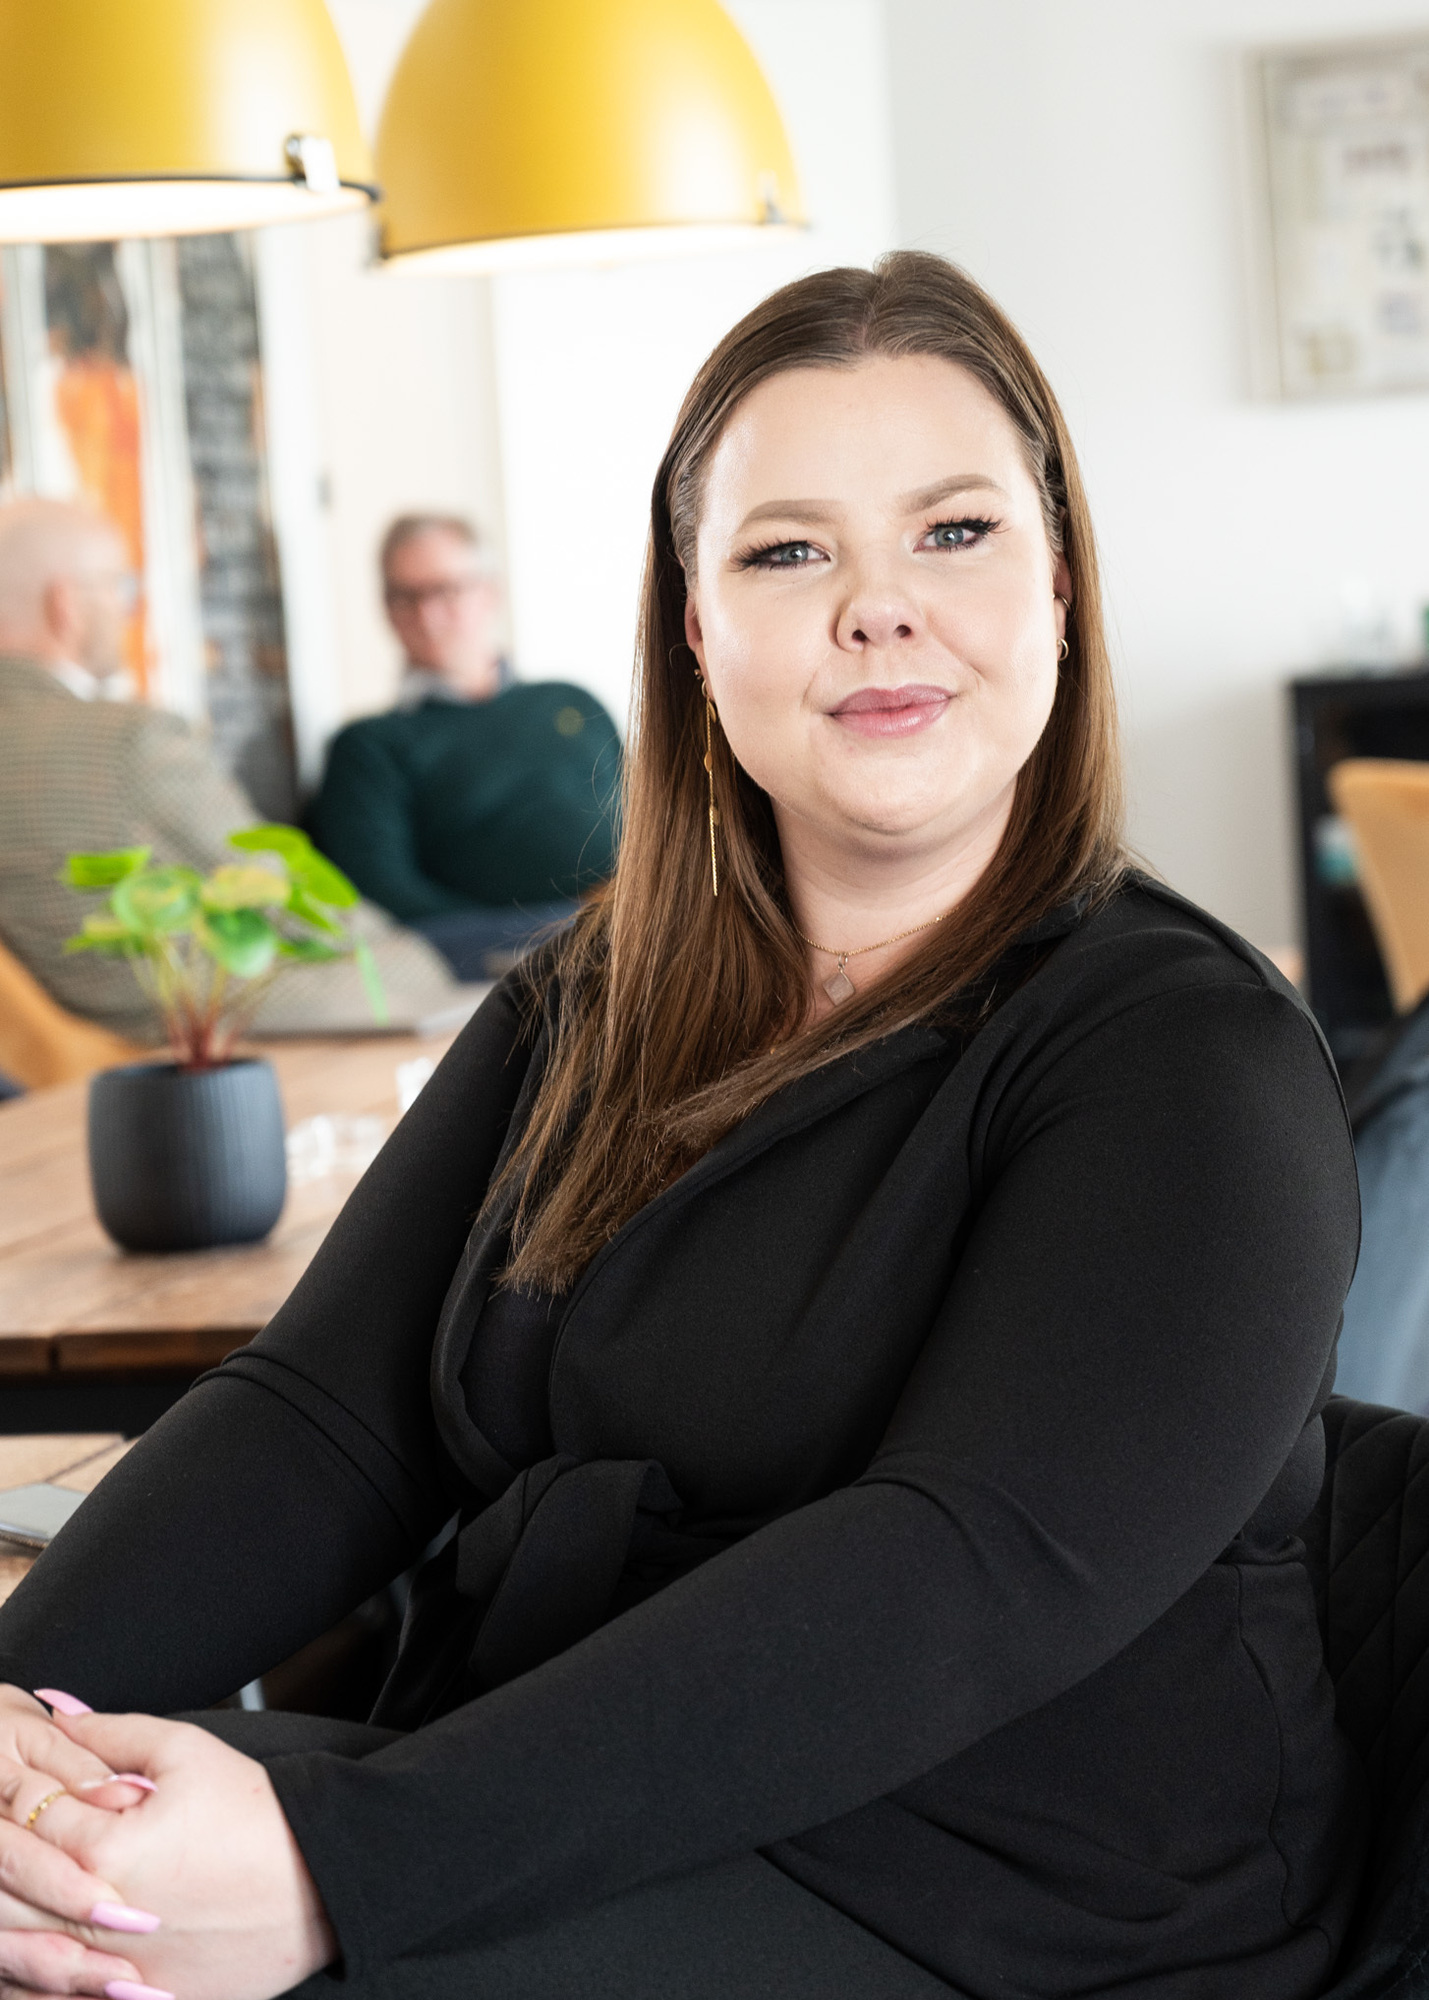 Stefanie Frid Jørgensen